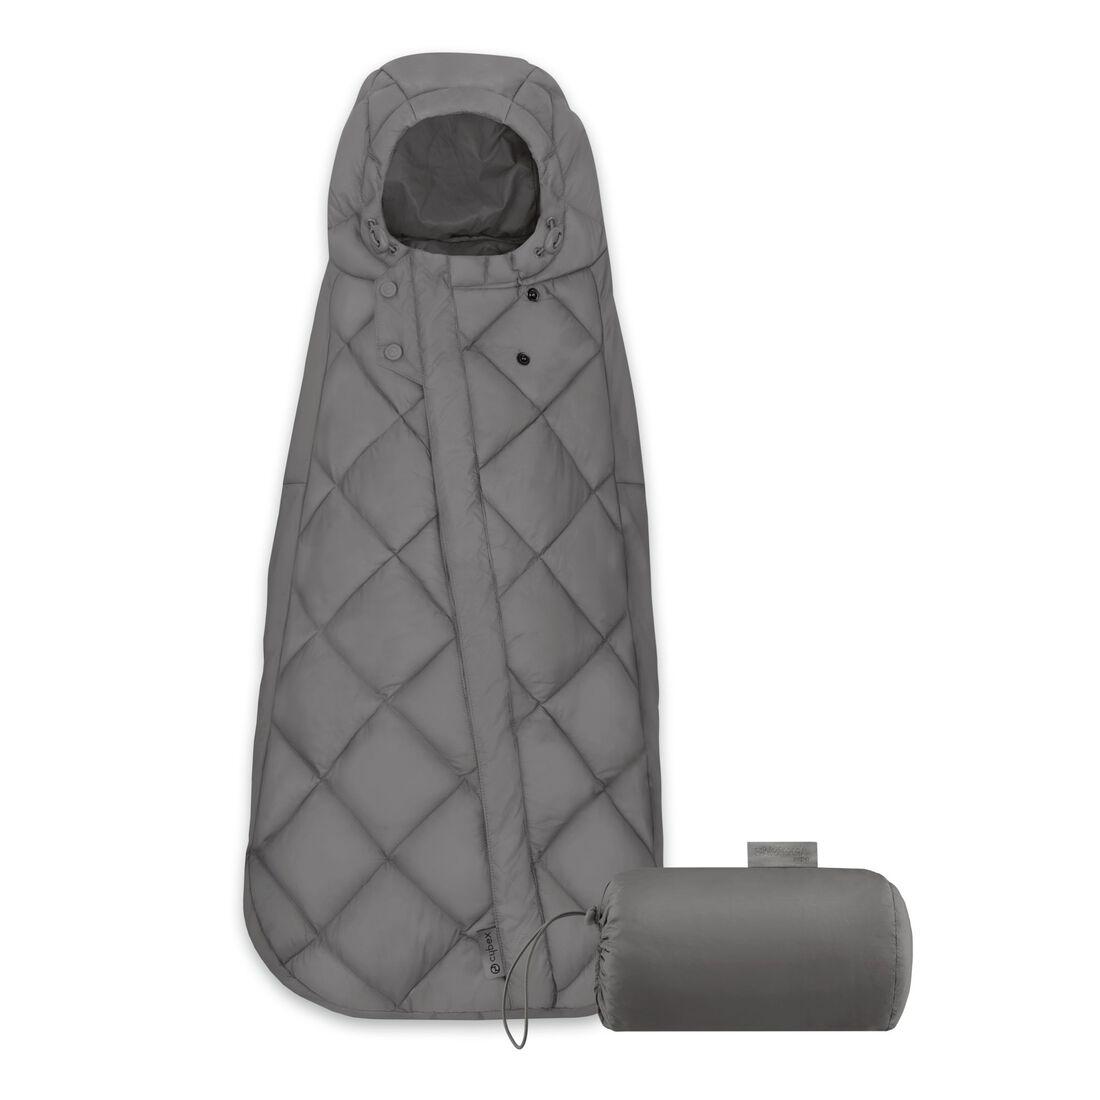 CYBEX Snogga Mini - Soho Grey in Soho Grey large image number 1